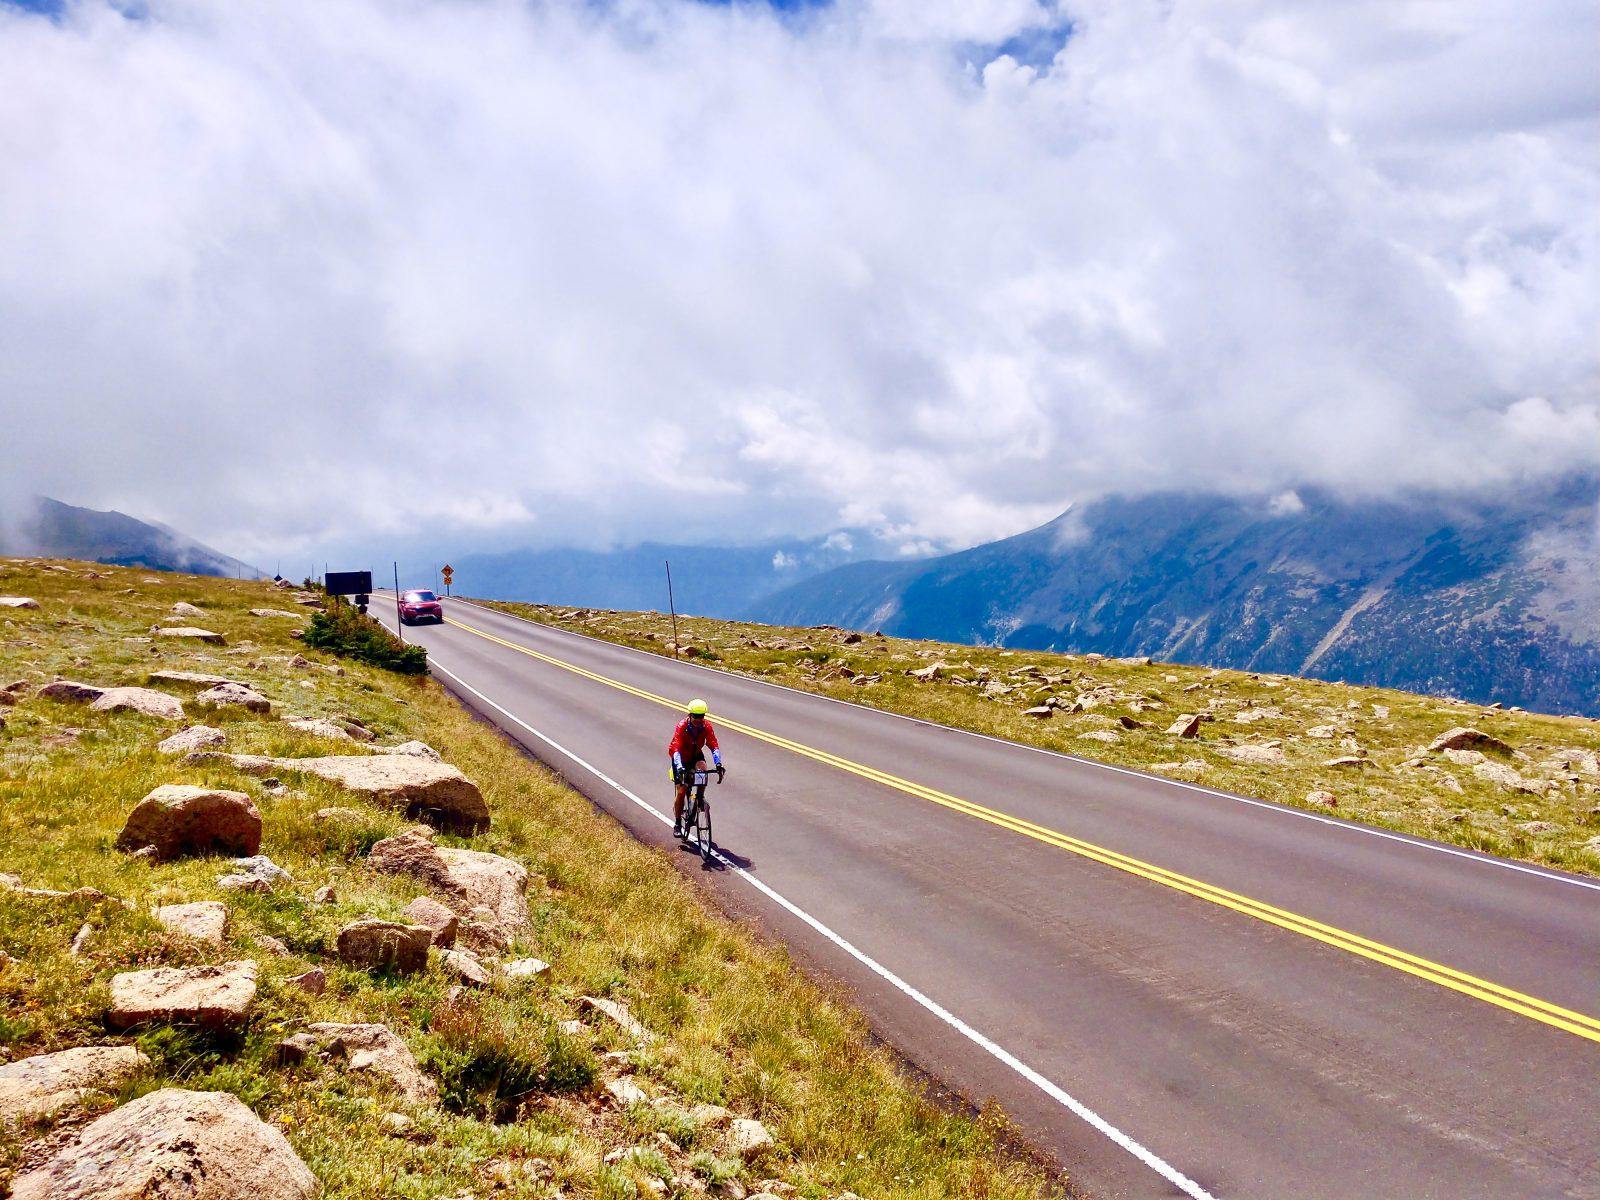 Exploring Colorado High Country